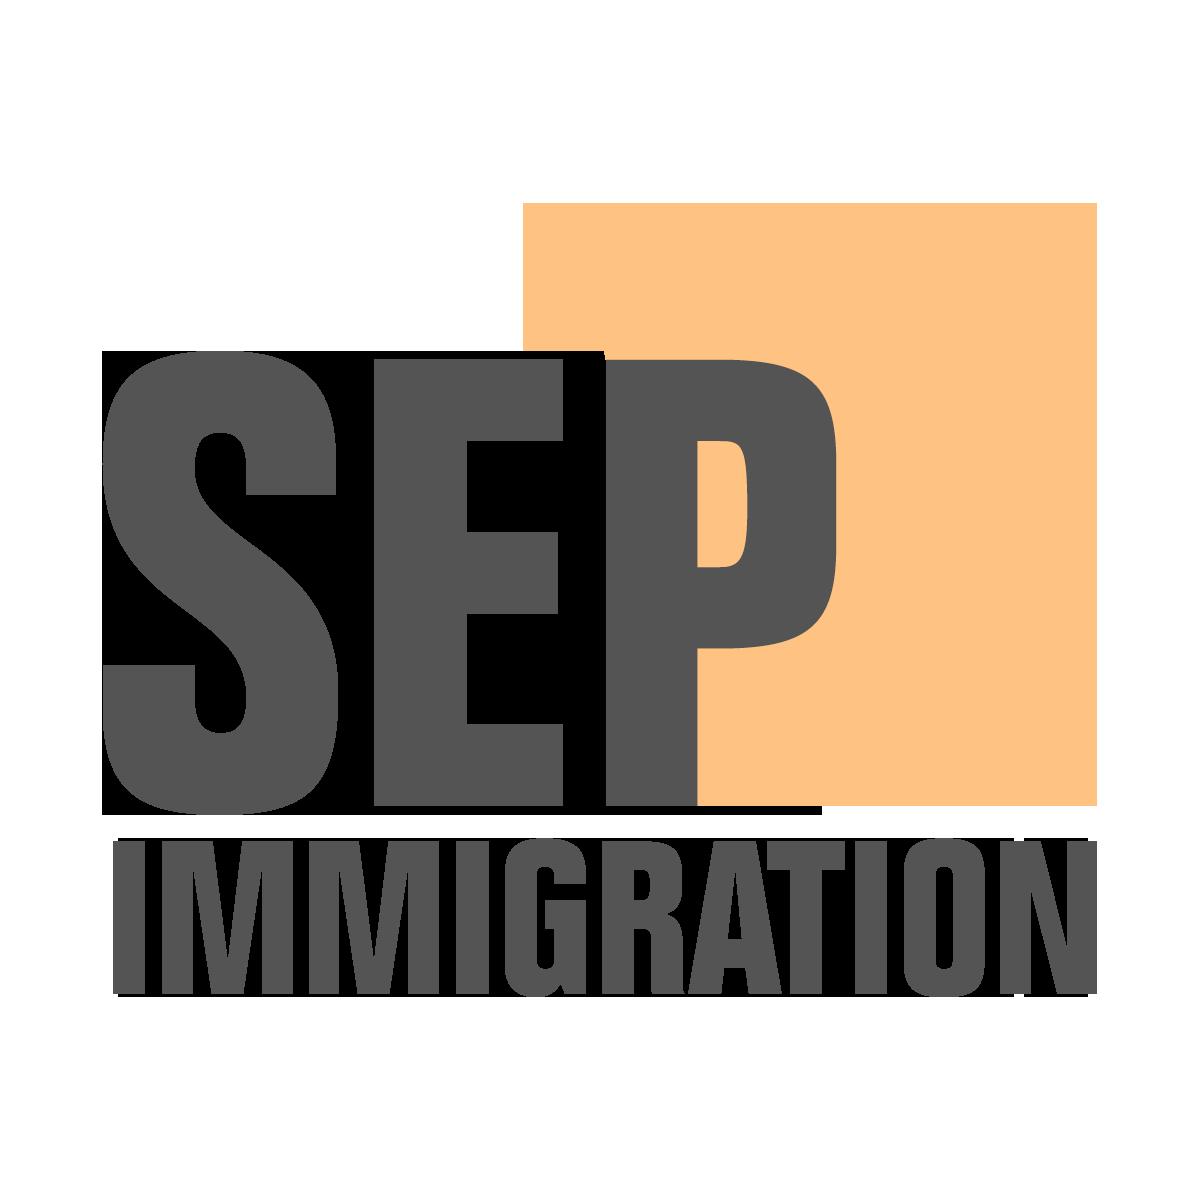 سازمان مهاجرتی سپهر فلاحتی - SEP Immigration